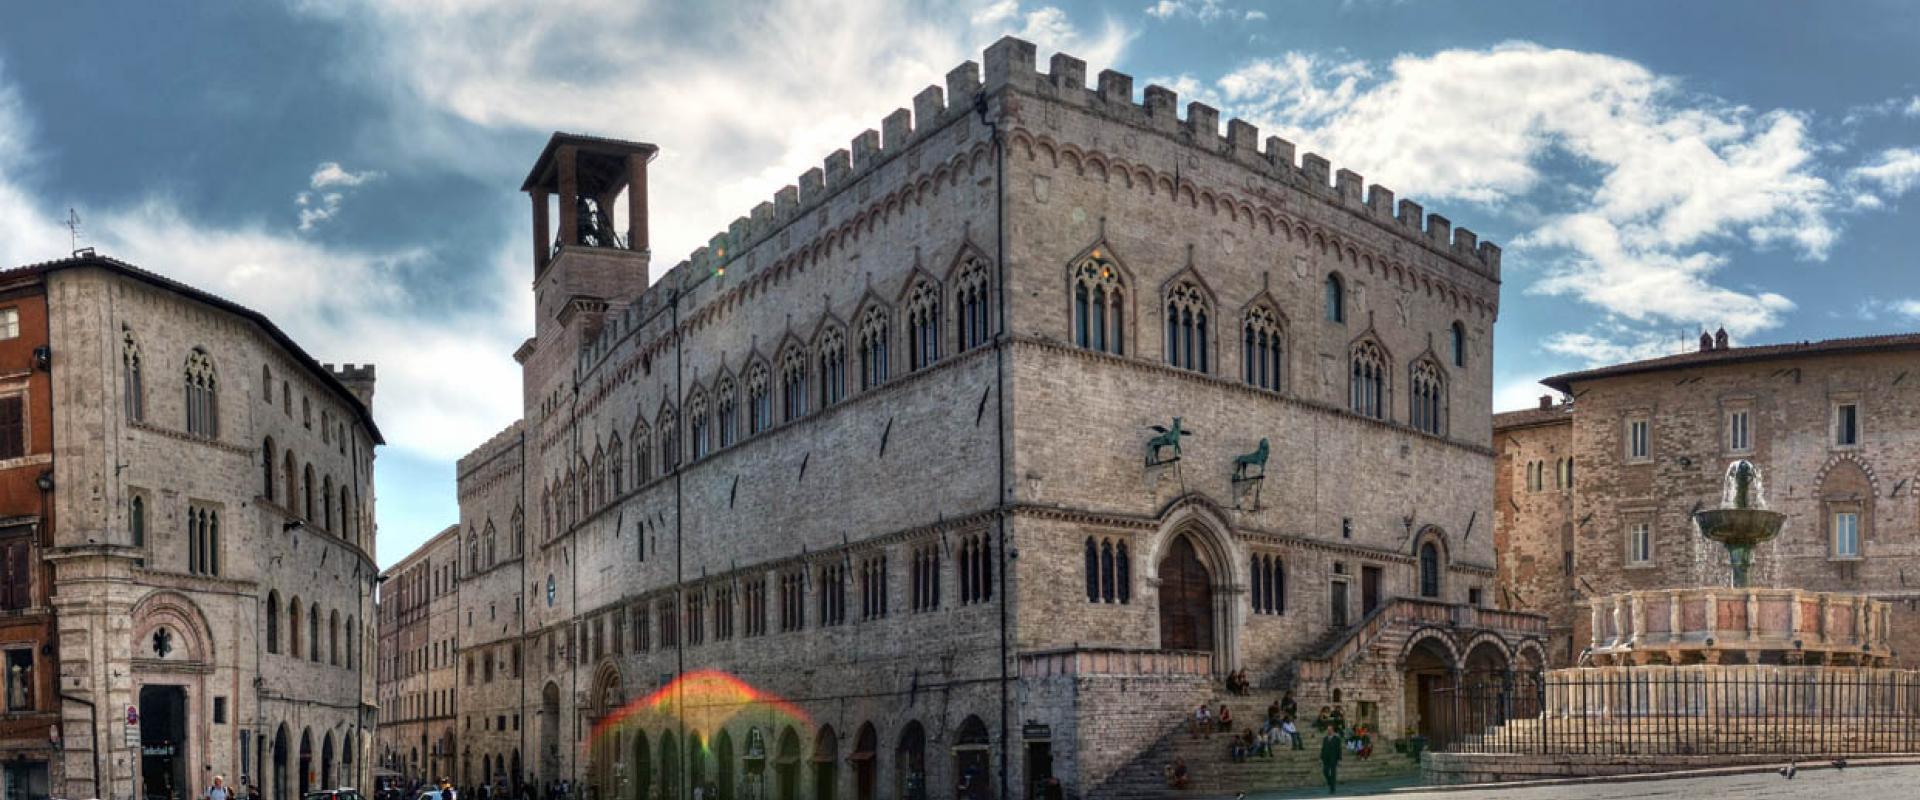 Visit of Perugia